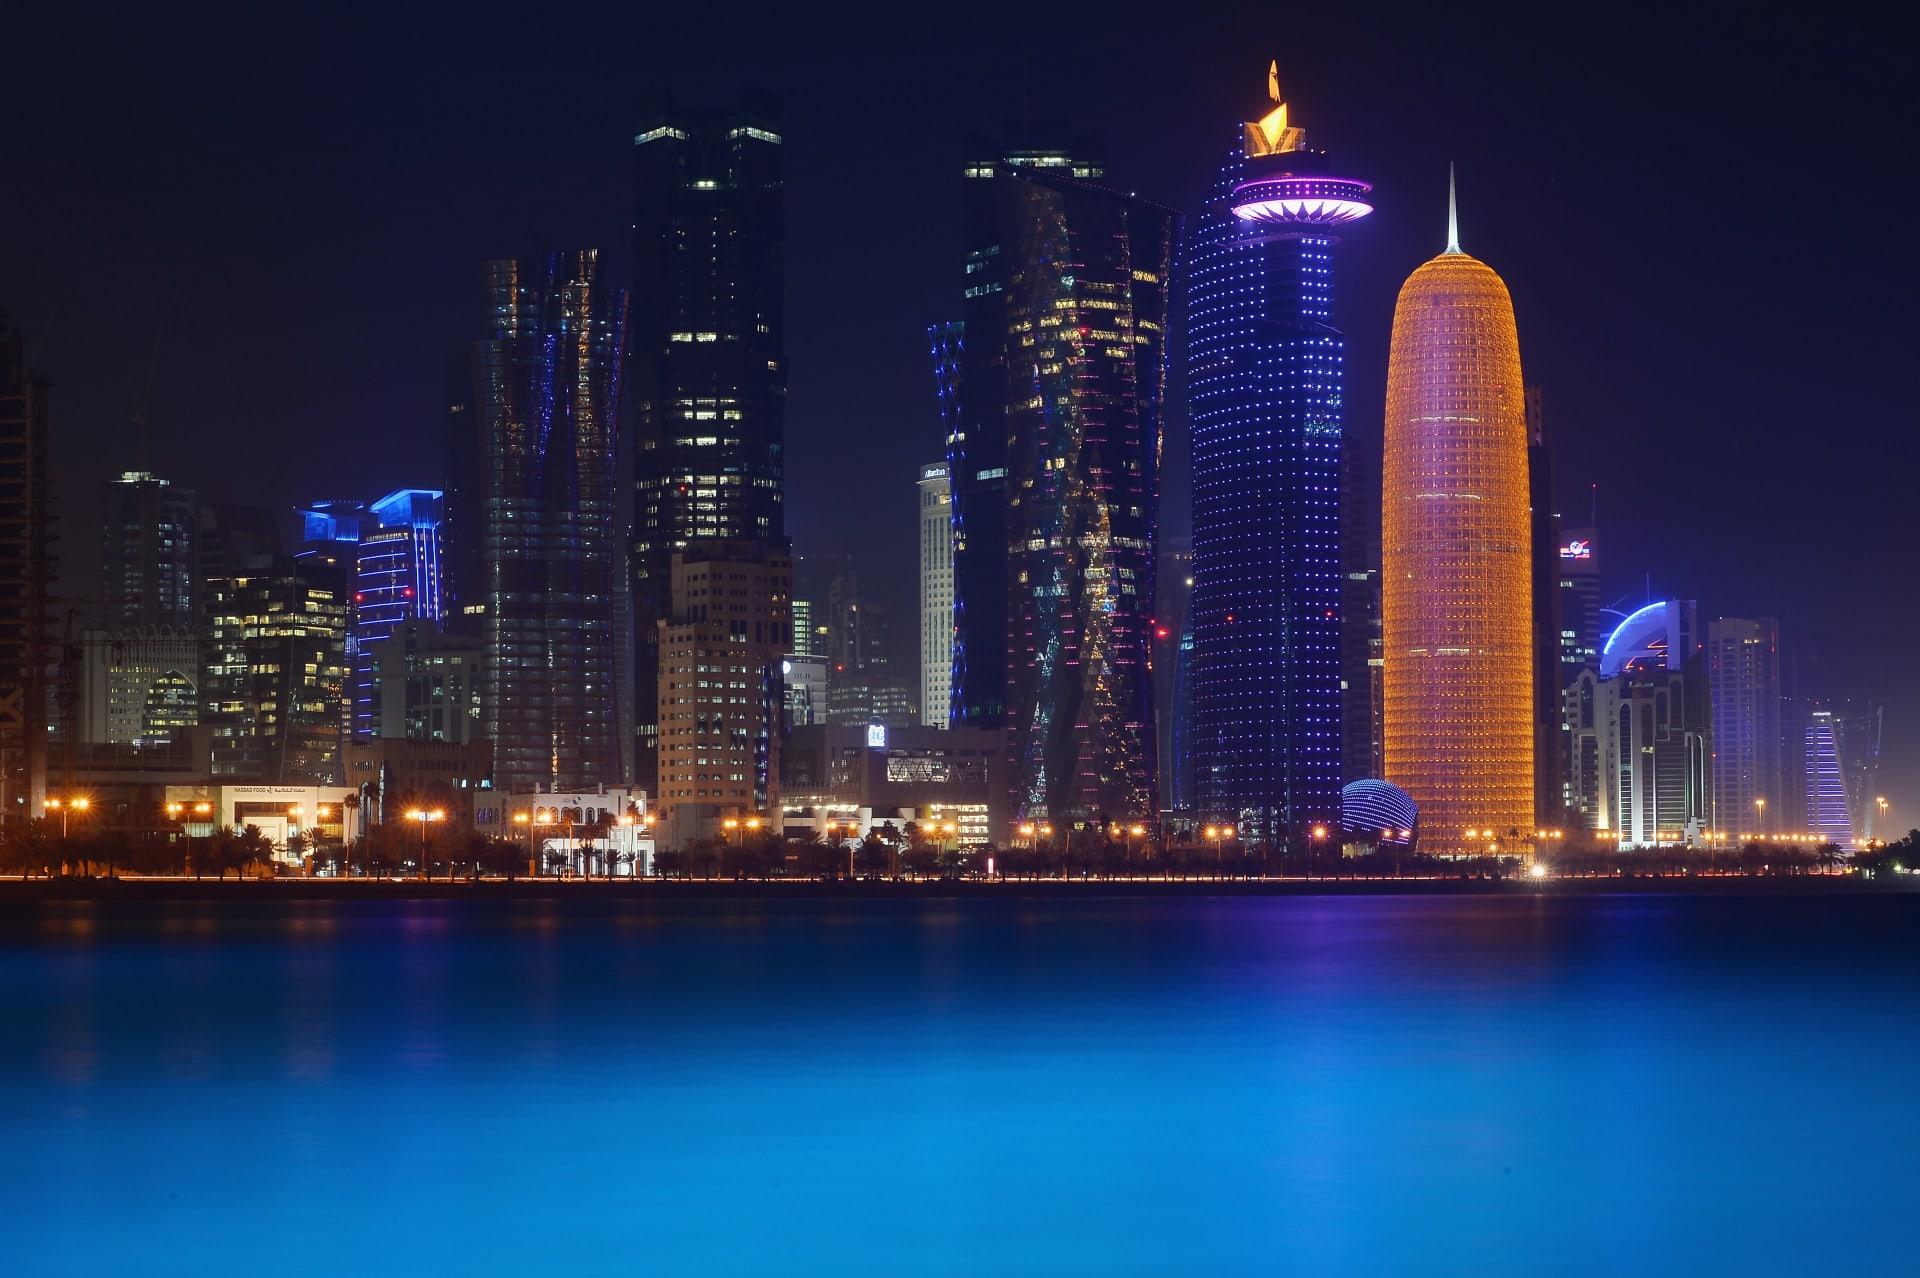 """قطر عن تقرير """"واشنطن بوست"""" حول """"اختراق قنا"""": مؤسف نسب الهجوم إلى دولة خليجية"""